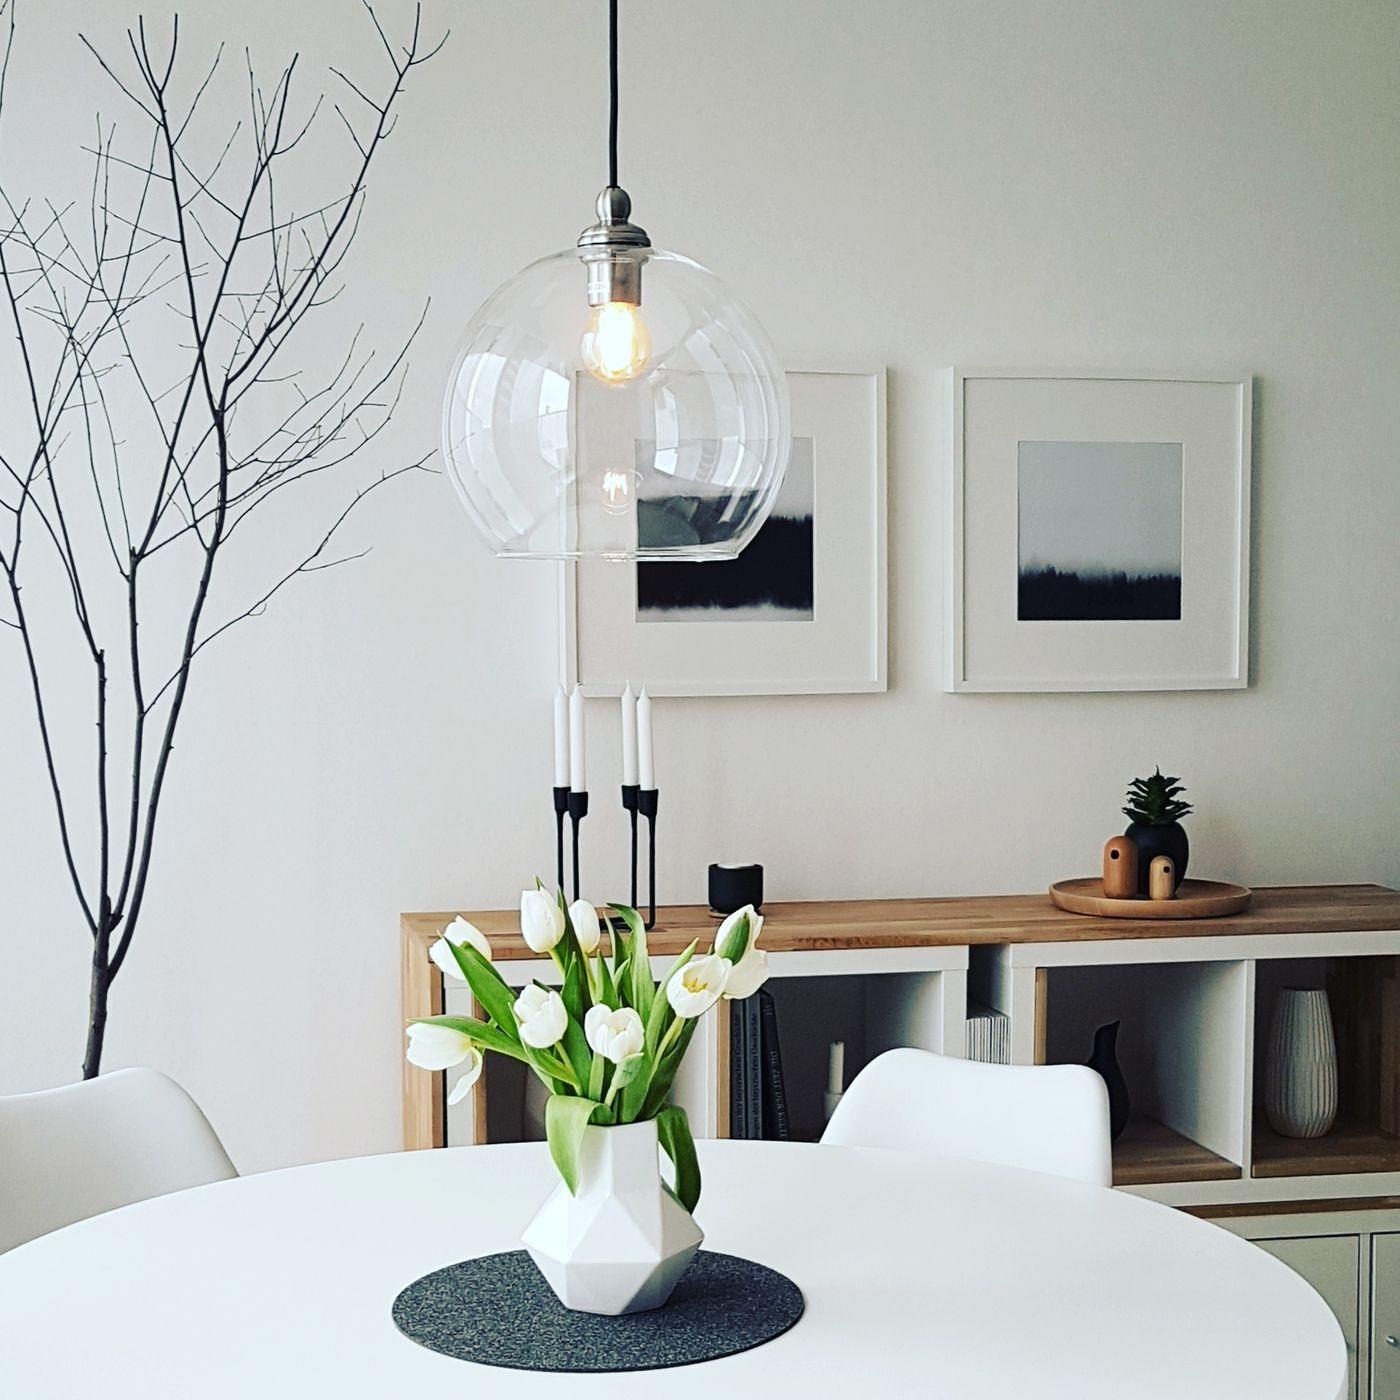 Full Size of Wohnzimmer Lampe Ikea Schnsten Ideen Mit Leuchten Esstisch Modulküche Schlafzimmer Deckenlampe Deckenlampen Modern Deckenleuchte Hängeschrank Weiß Hochglanz Wohnzimmer Wohnzimmer Lampe Ikea